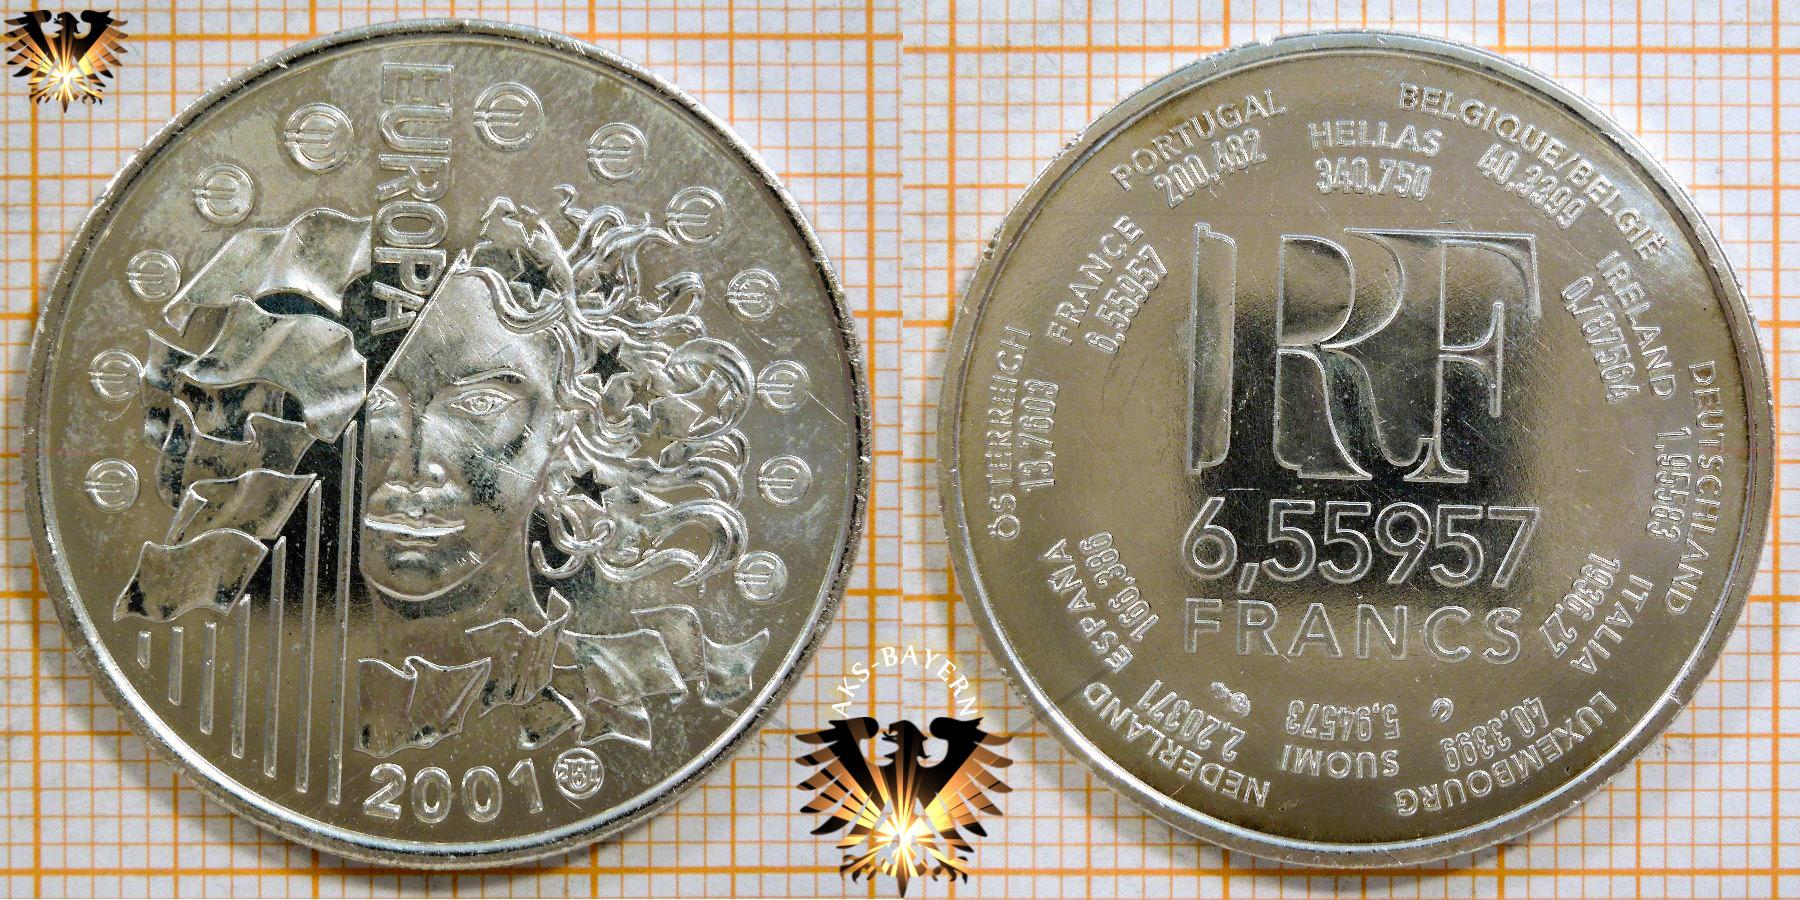 1 Euro 655957 Francs Frankreich 2001 Europäische Währungsunion